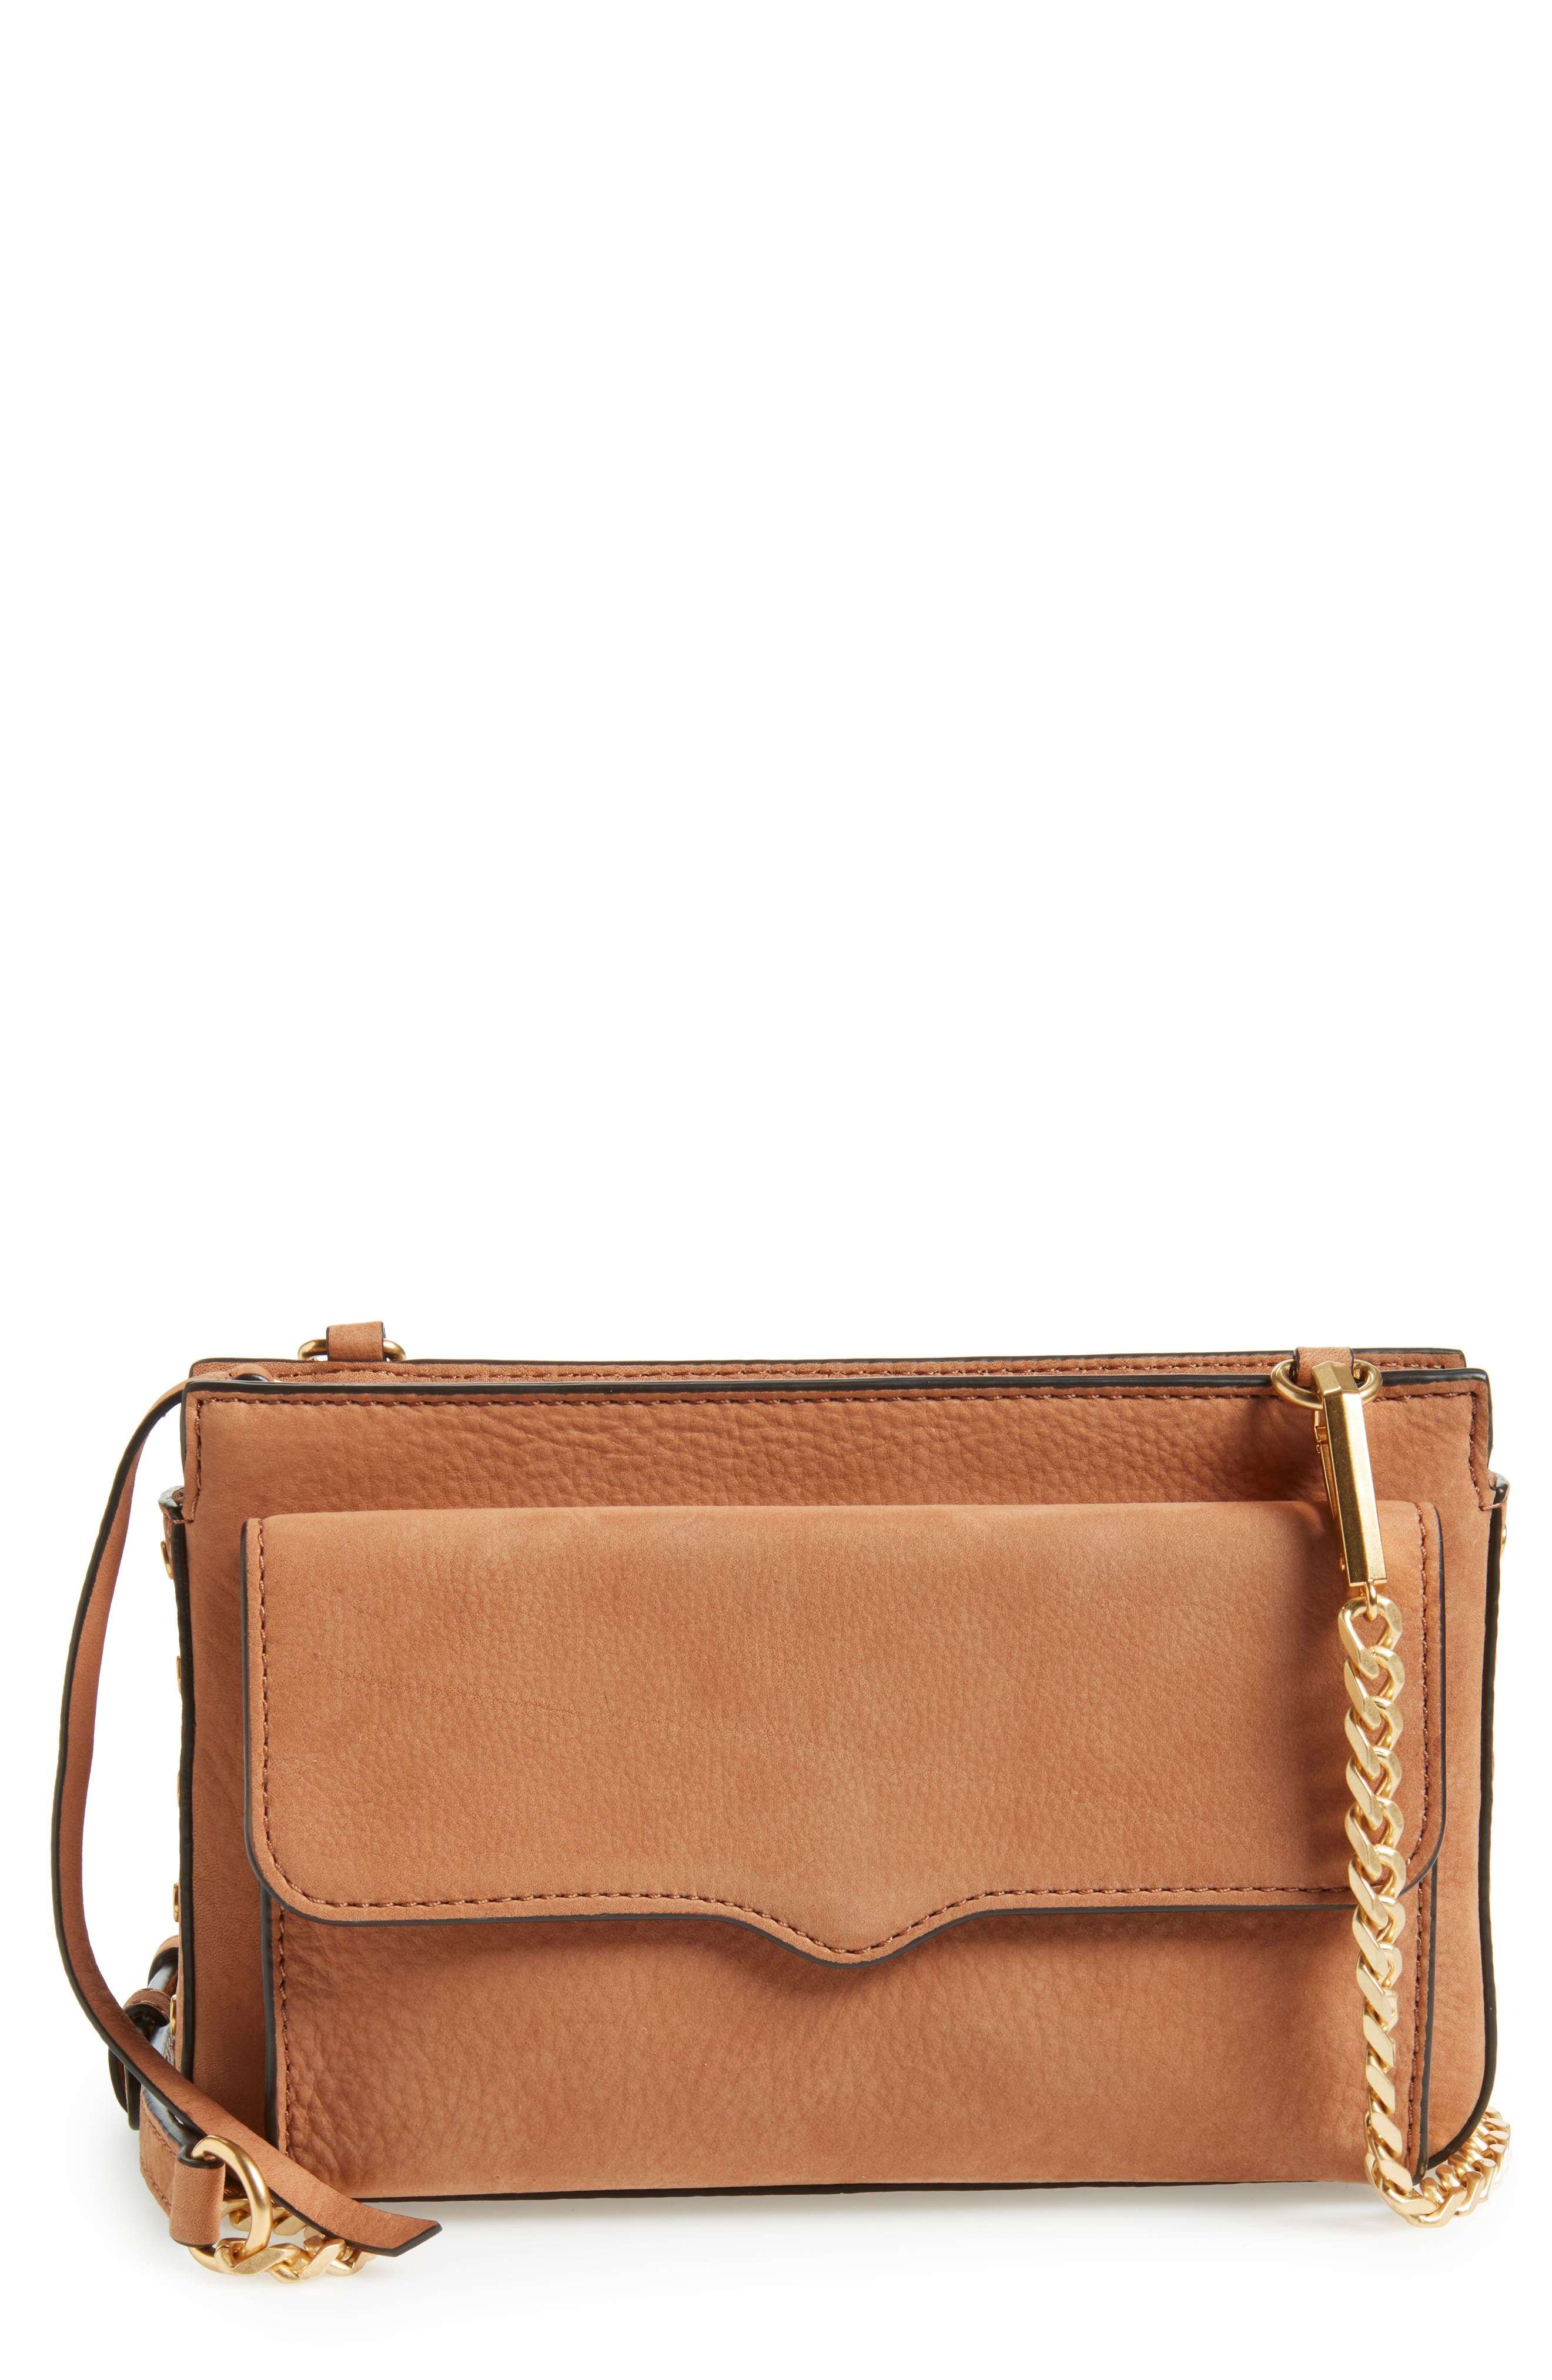 Medium Bree Nubuck Crossbody Wallet,                         Main,                         color, ALMOND